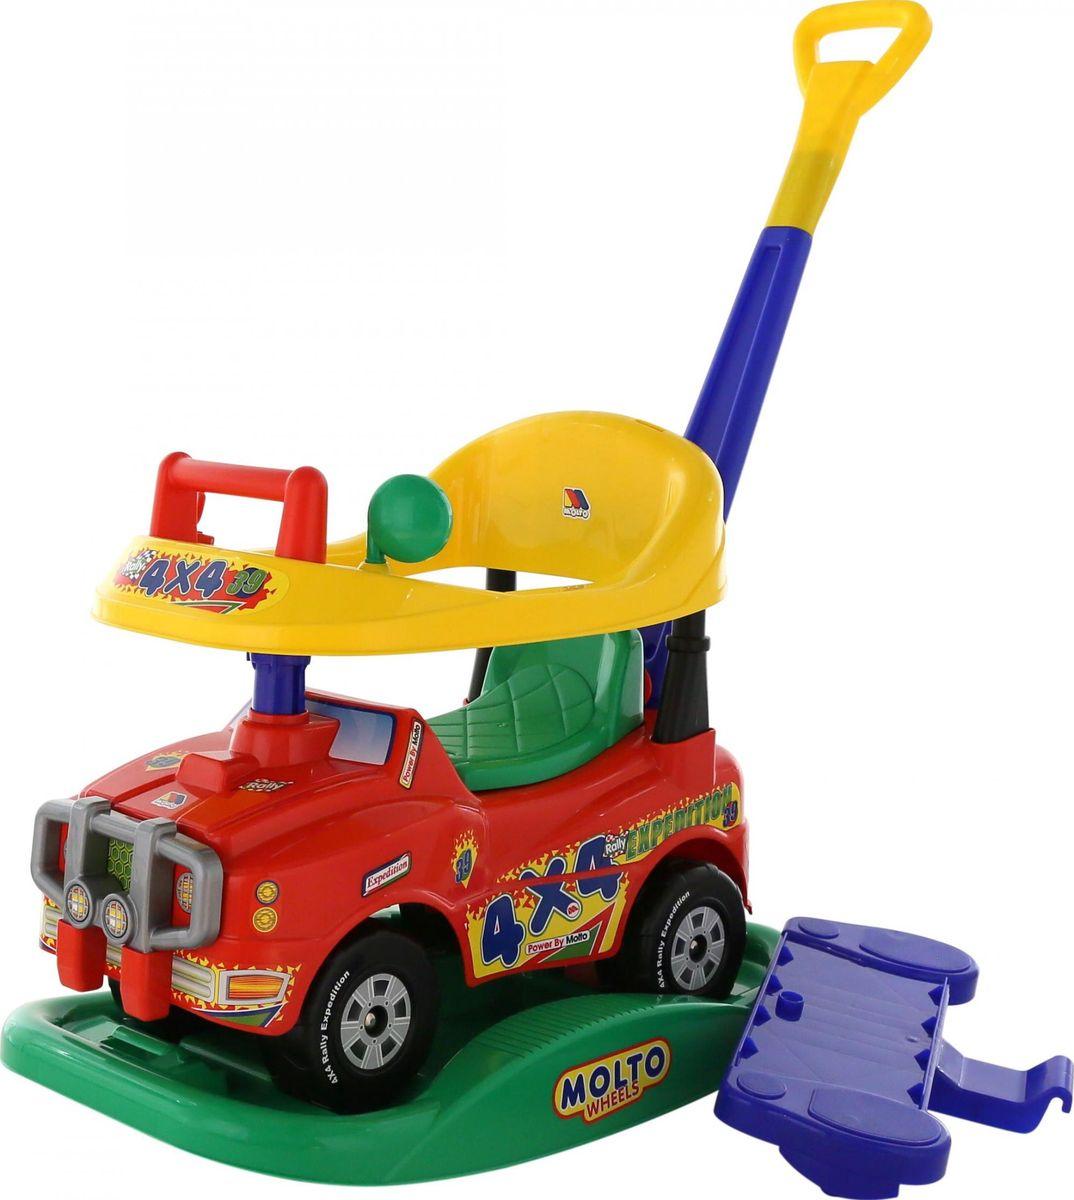 Полесье Автомобиль-каталка Джип Викинг цвет красный -  Каталки, понициклы